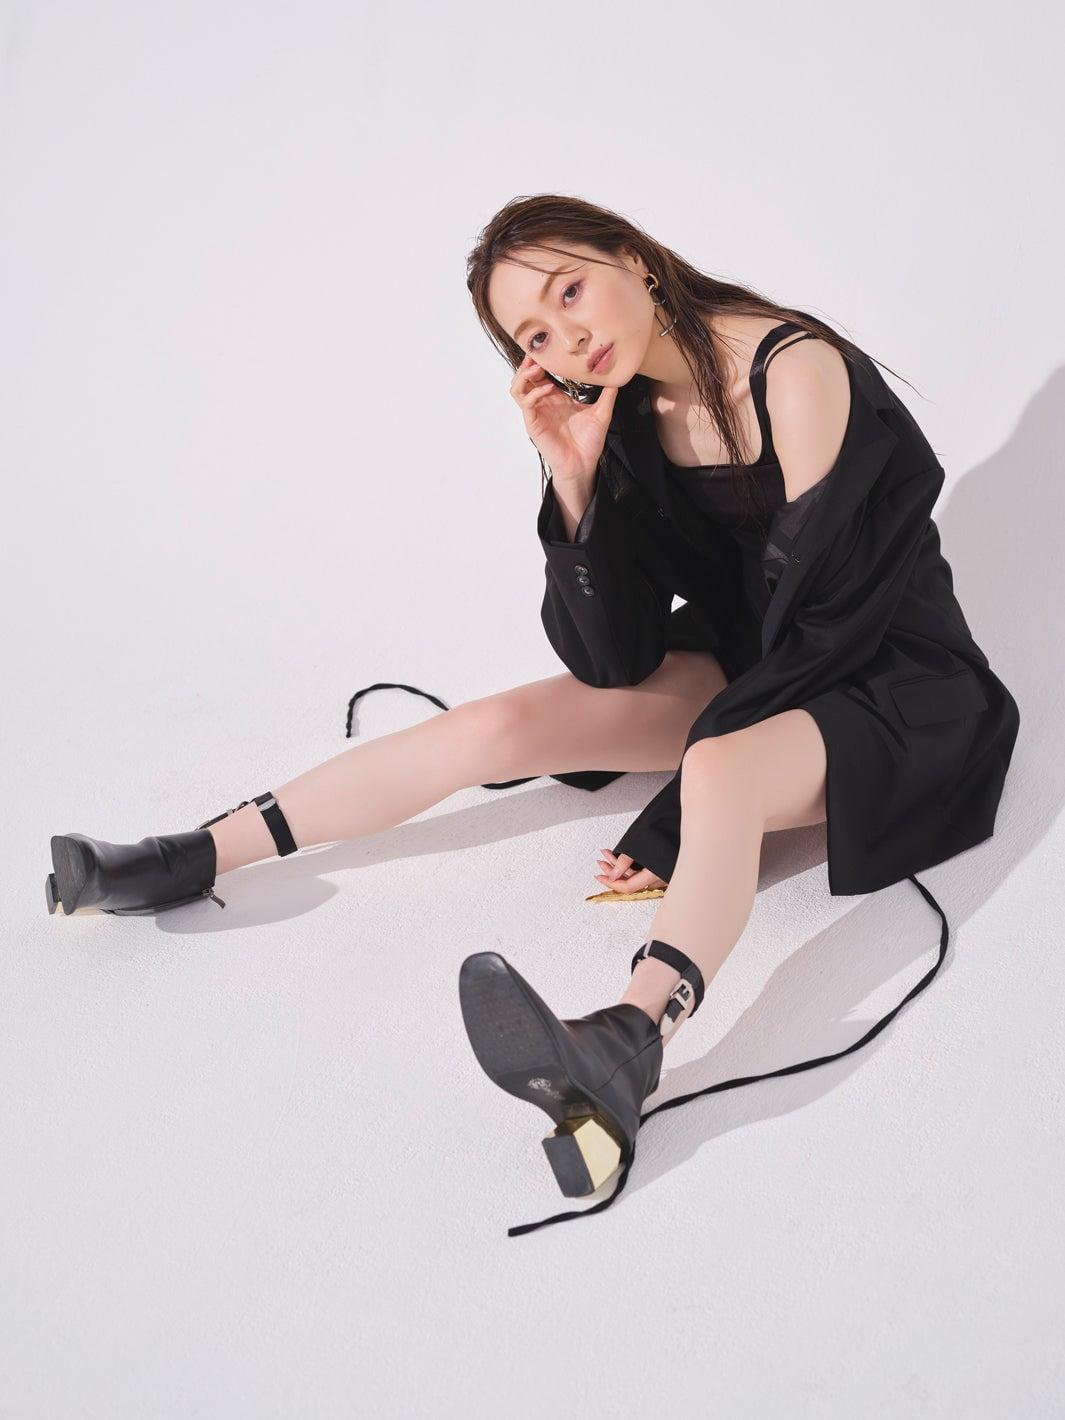 グラビアニュースまとめ 「乃木坂一の美貌」梅澤美波(22)の圧倒的美脚!グラビア登場 「へそ出しくびれ」スレンダーボディを惜しげもなく披露